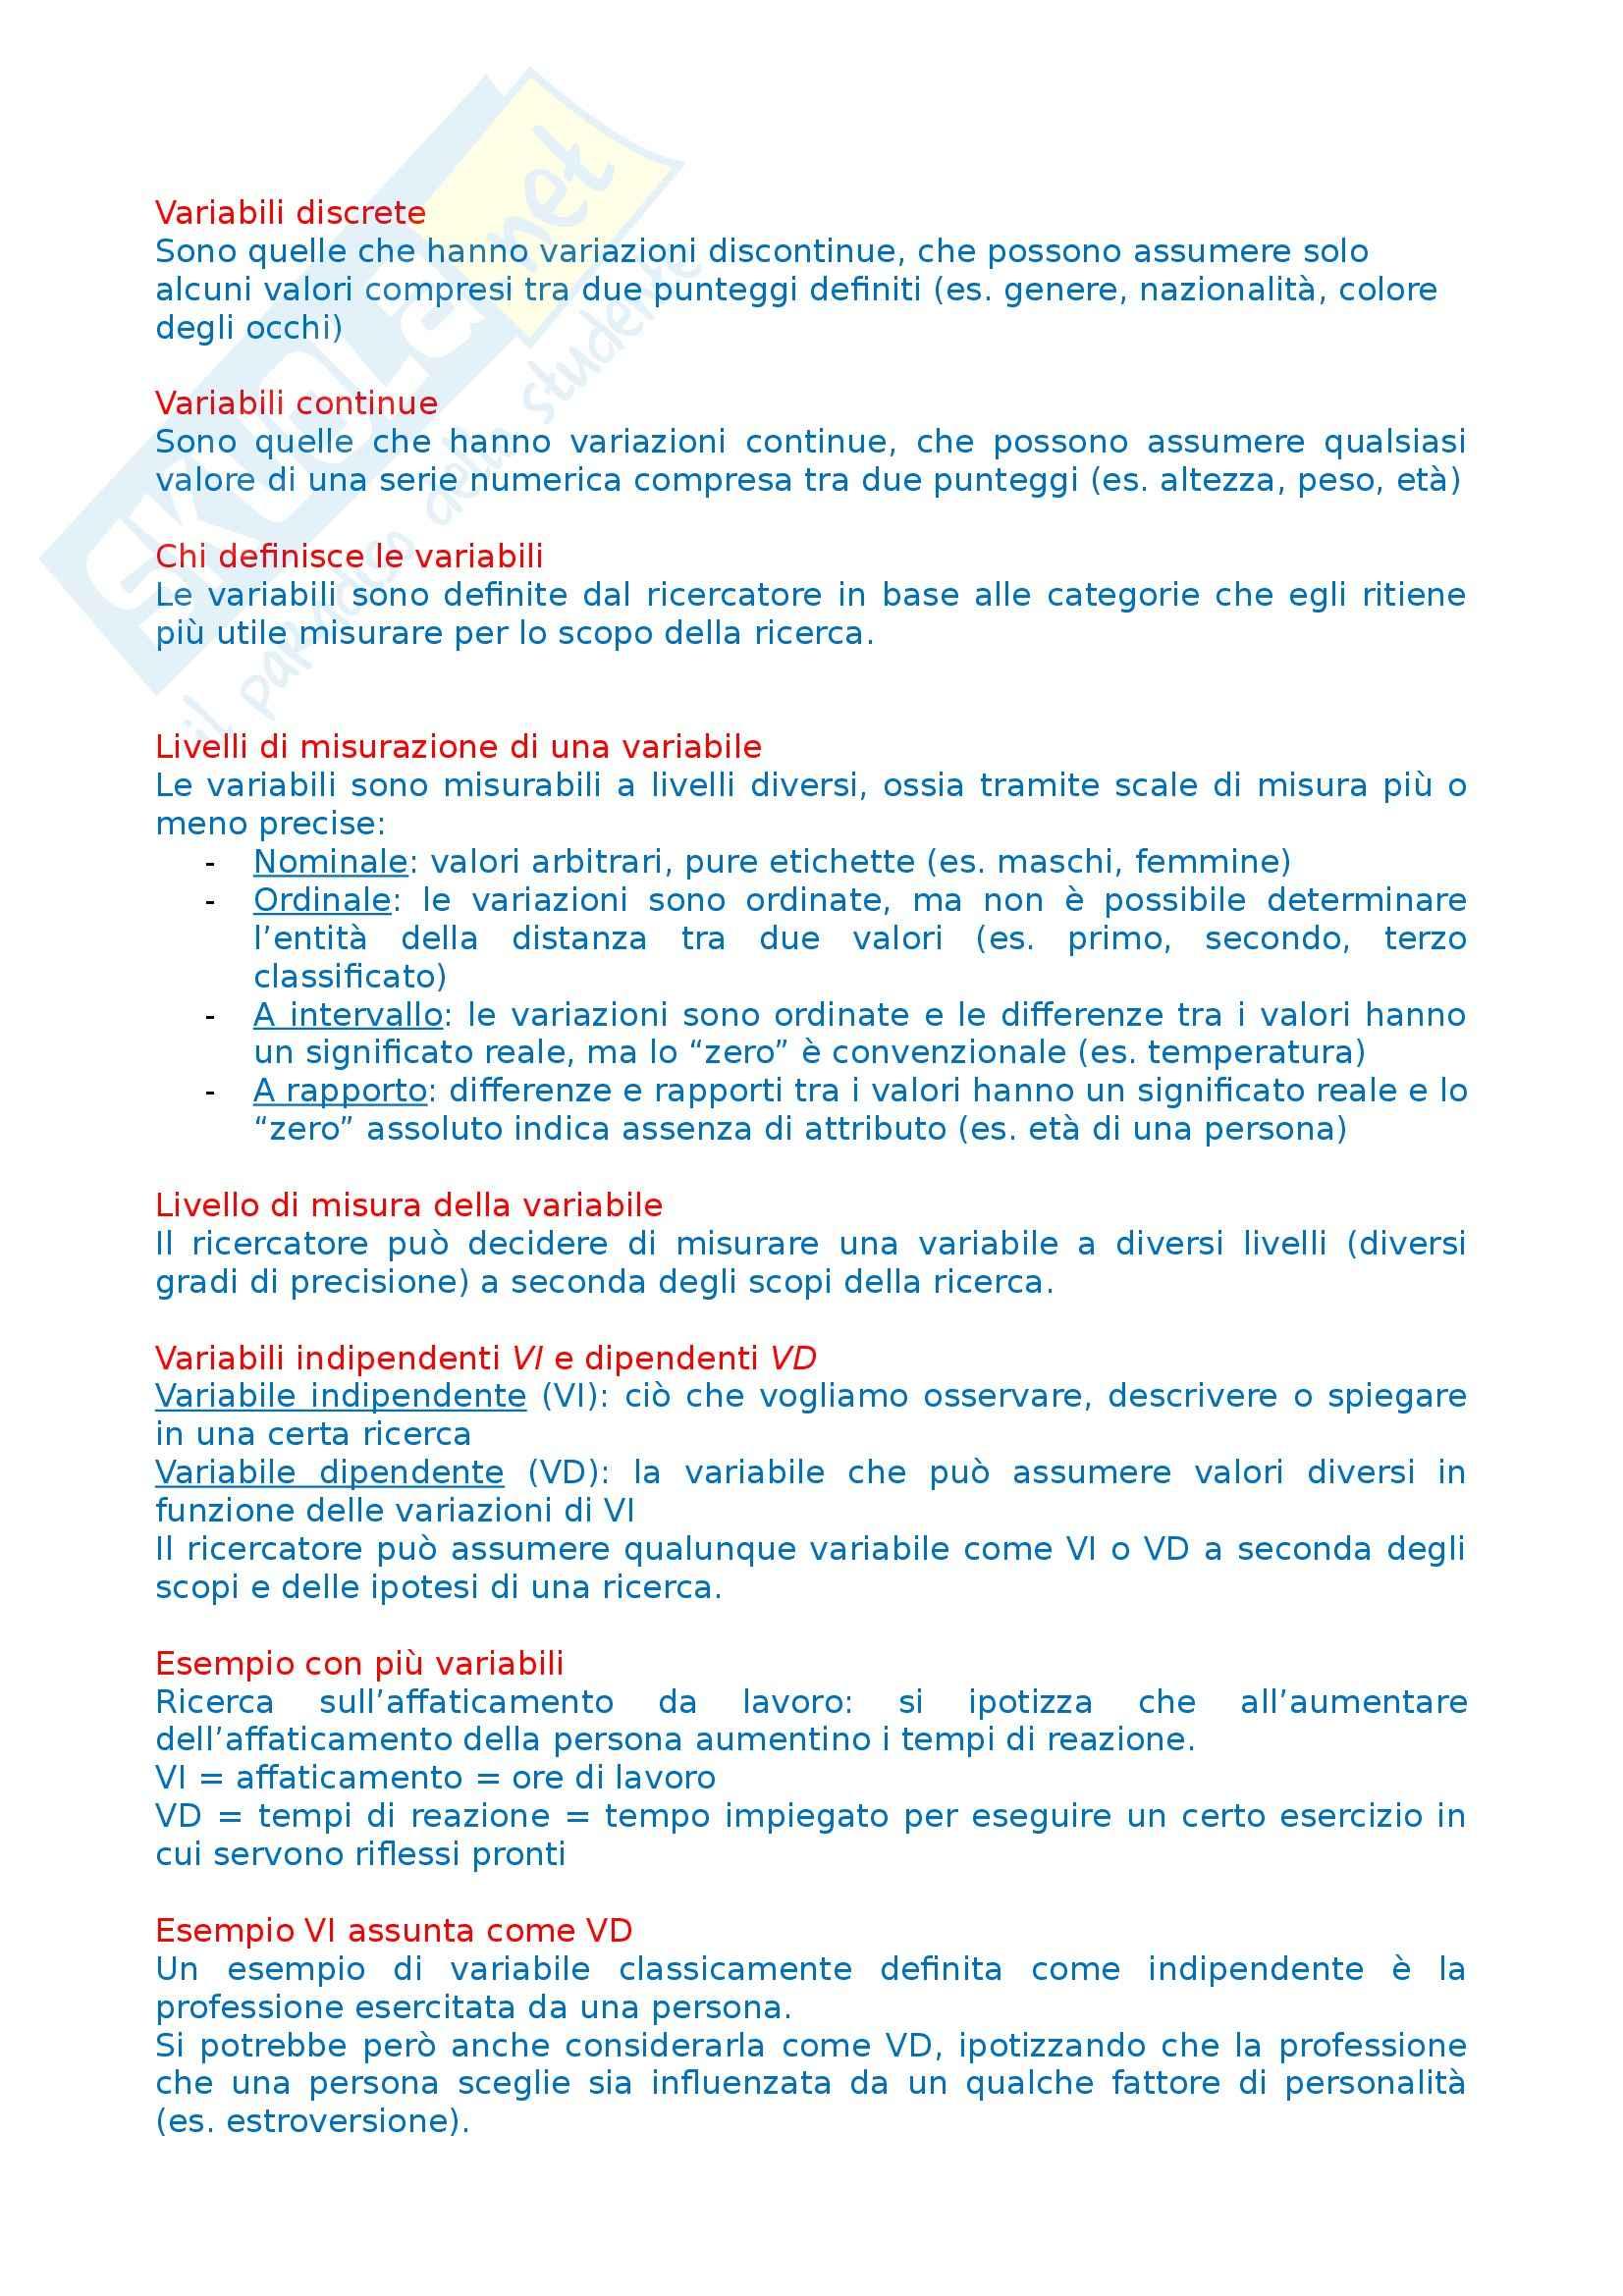 Tecniche dell'intervista e del questionario - Esercitazione Pag. 11